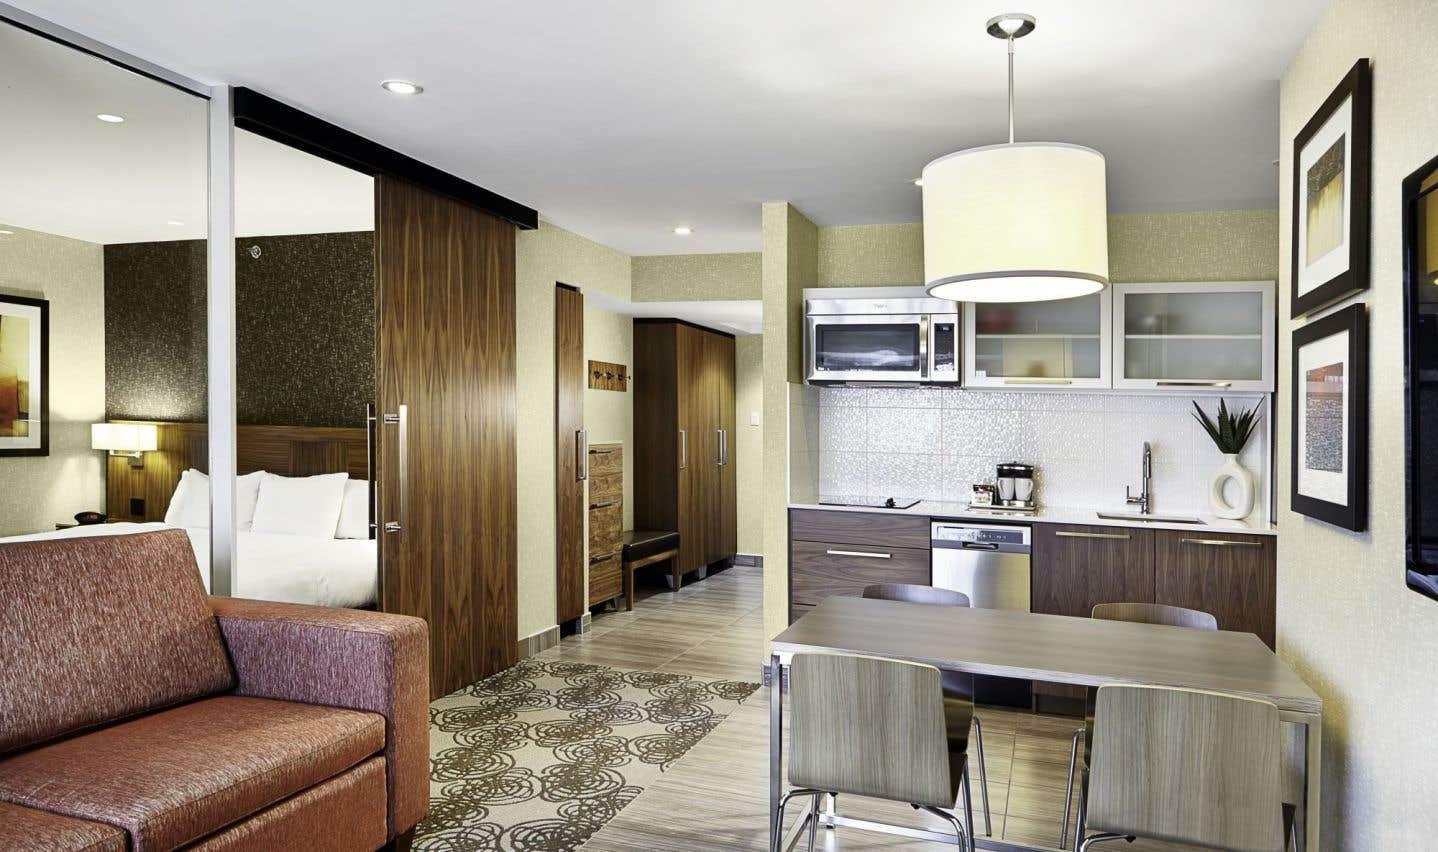 L'hôtel Hilton Montréal-Laval vient d'adapter son offre de type long séjour avec l'aménagement de ses 42 suites-appartements. Un étage est complété, six suites sont déjà opérationnelles.